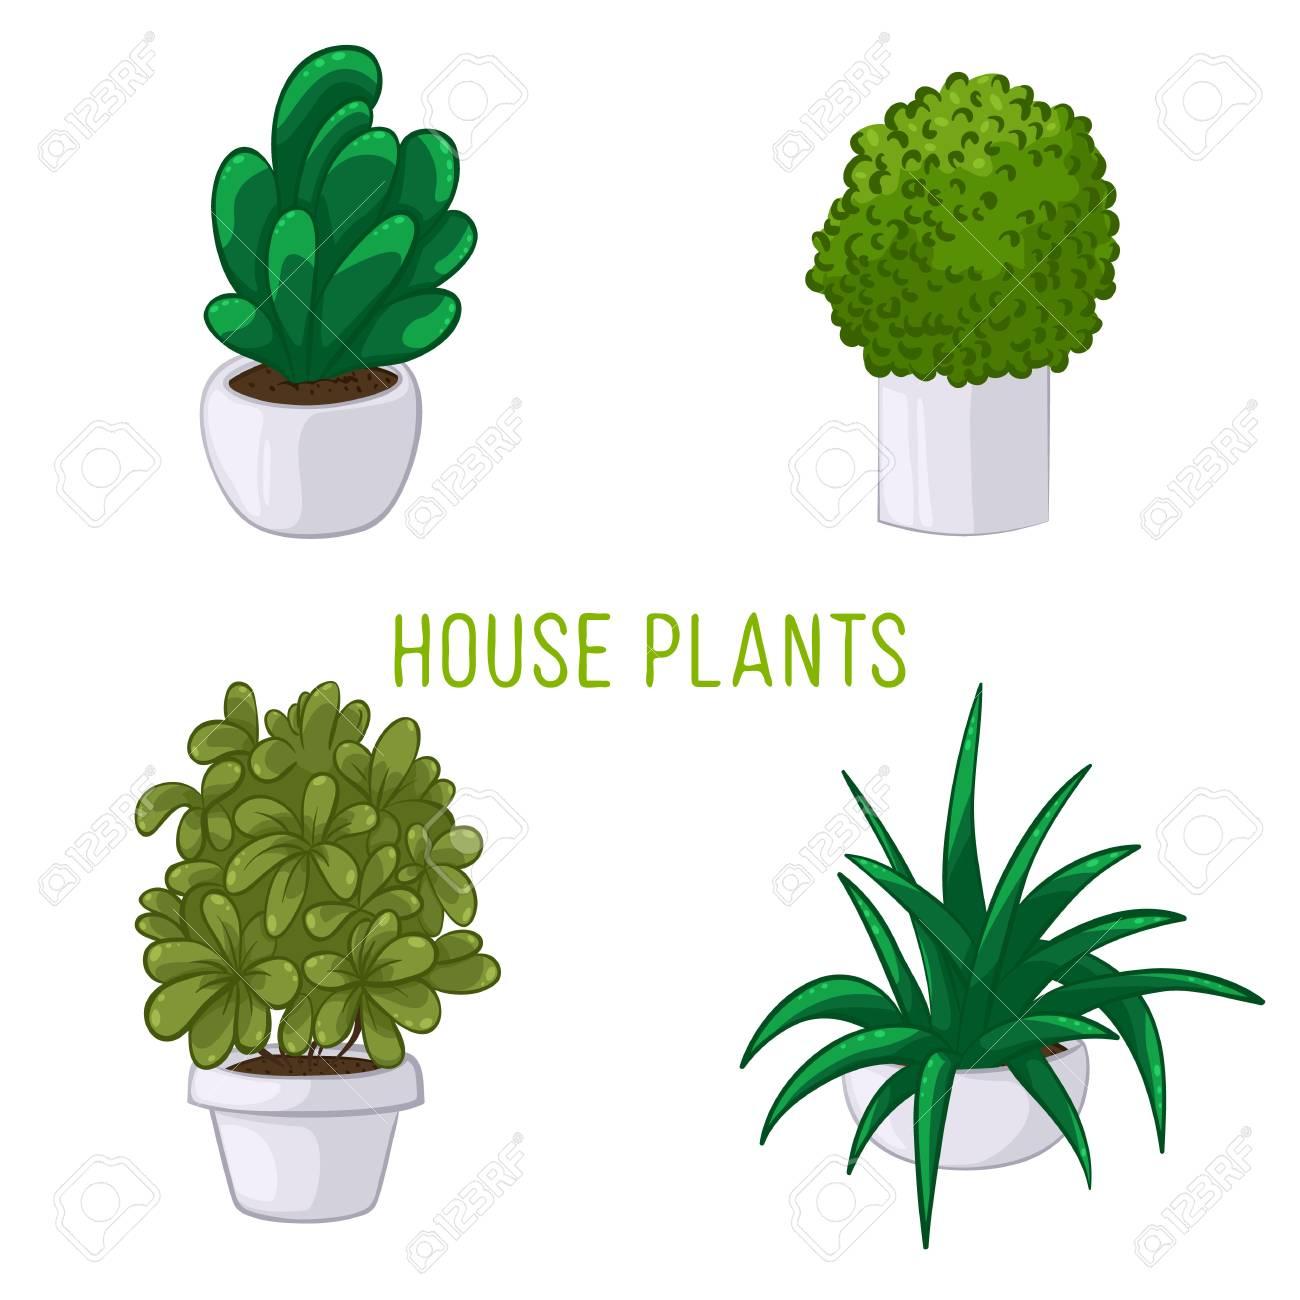 ステッカー白地の鉢に観葉植物のセットのベクトル イラストのイラスト